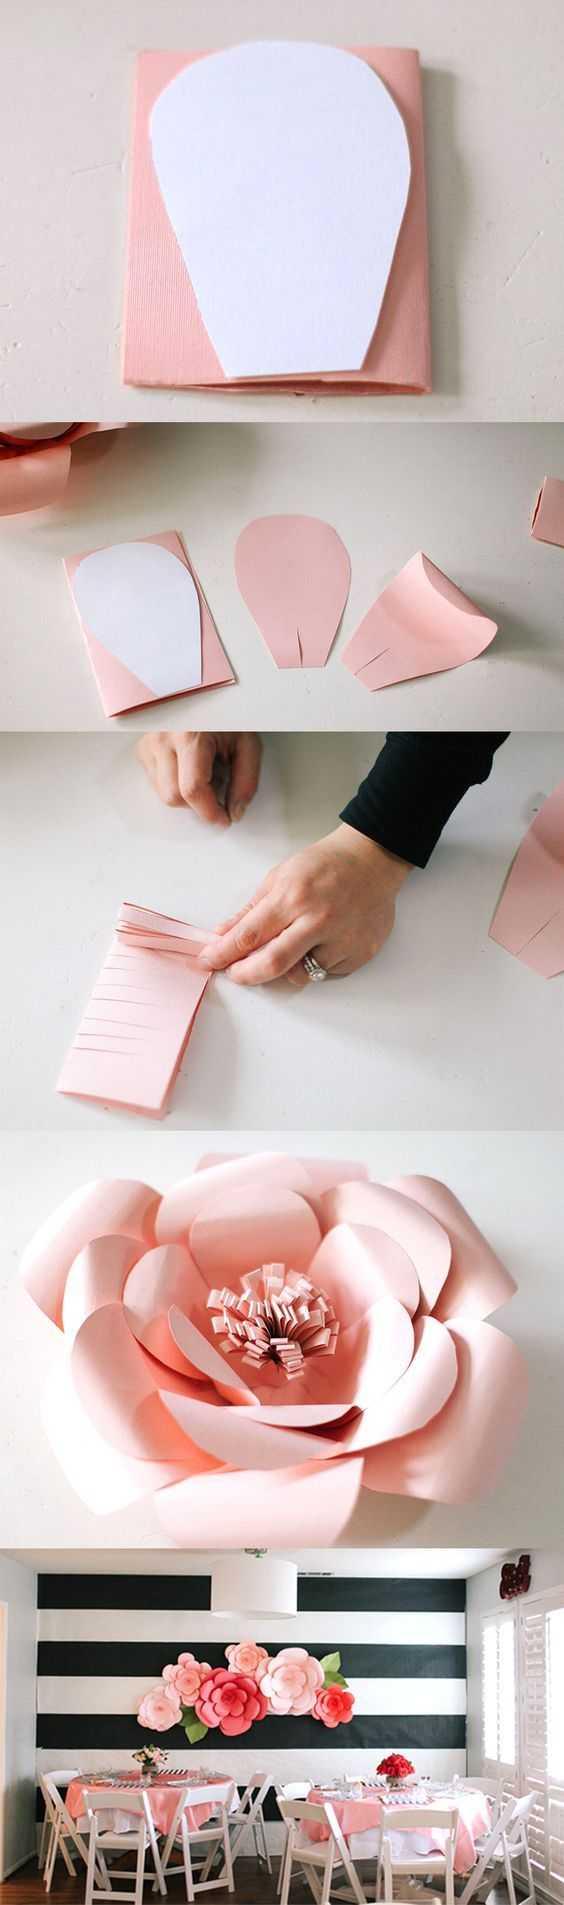 Поделки из гофрированной бумаги своими руками